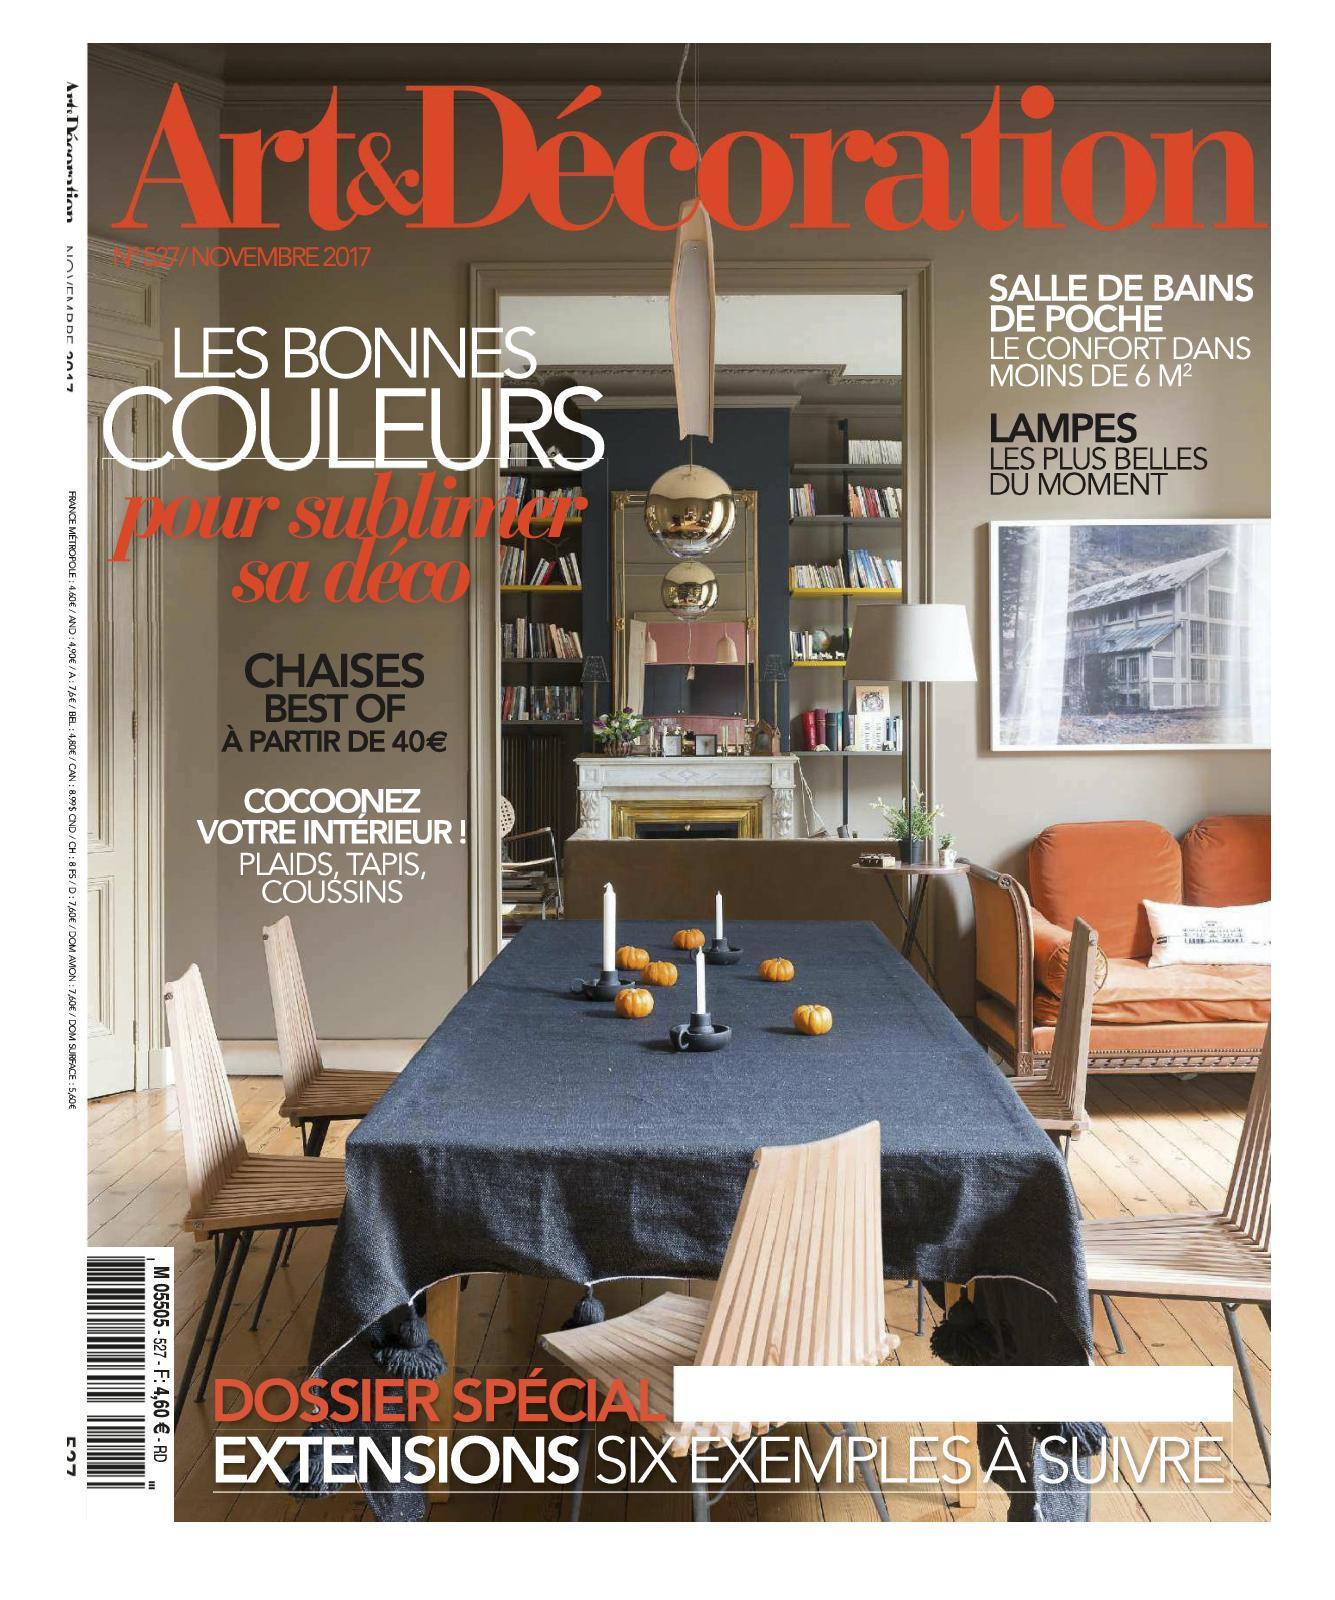 Magazine Art Et Décoration calaméo - art & décoration